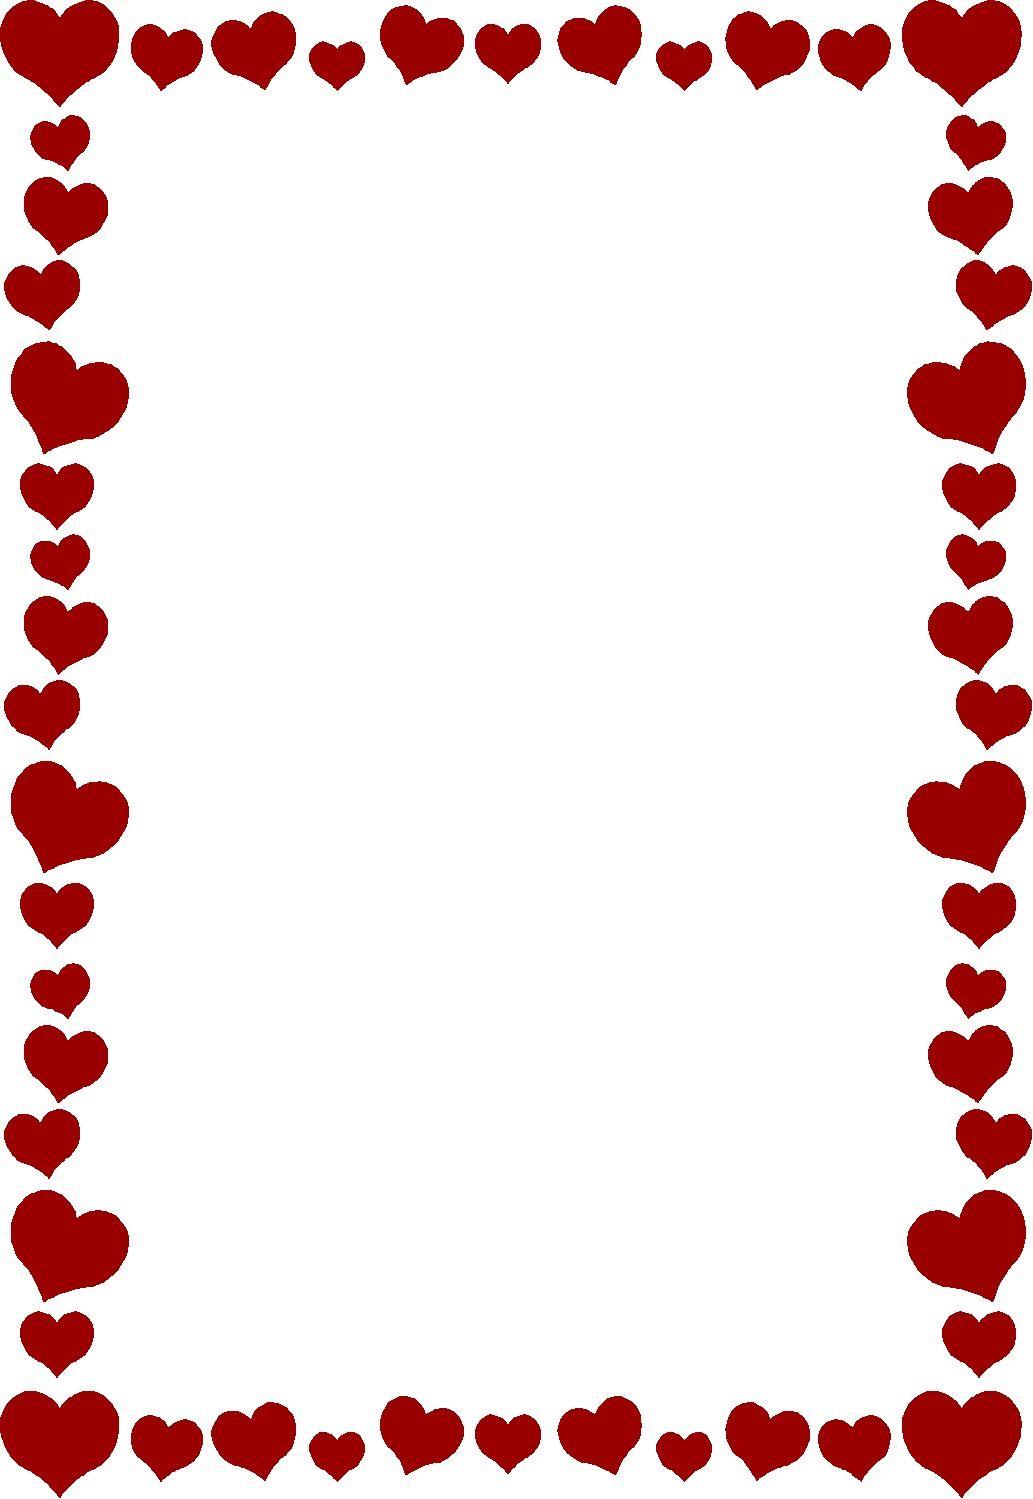 Epingle Par Pat Sur Saint Valentin Bordures De Page Bordures Et